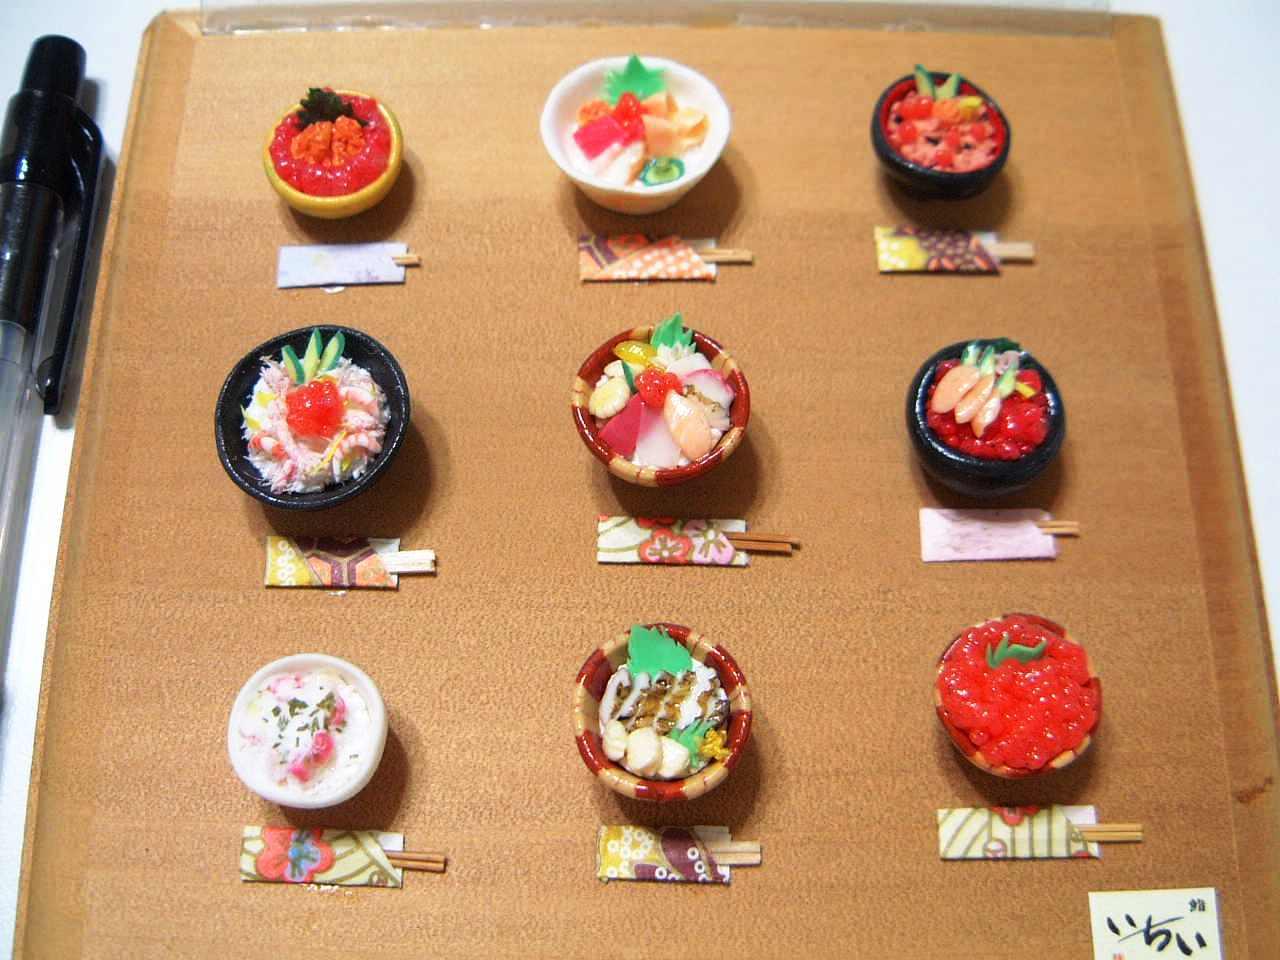 寿司屋のおかみさん小話寿司の ... : 粘土 手作り : すべての講義